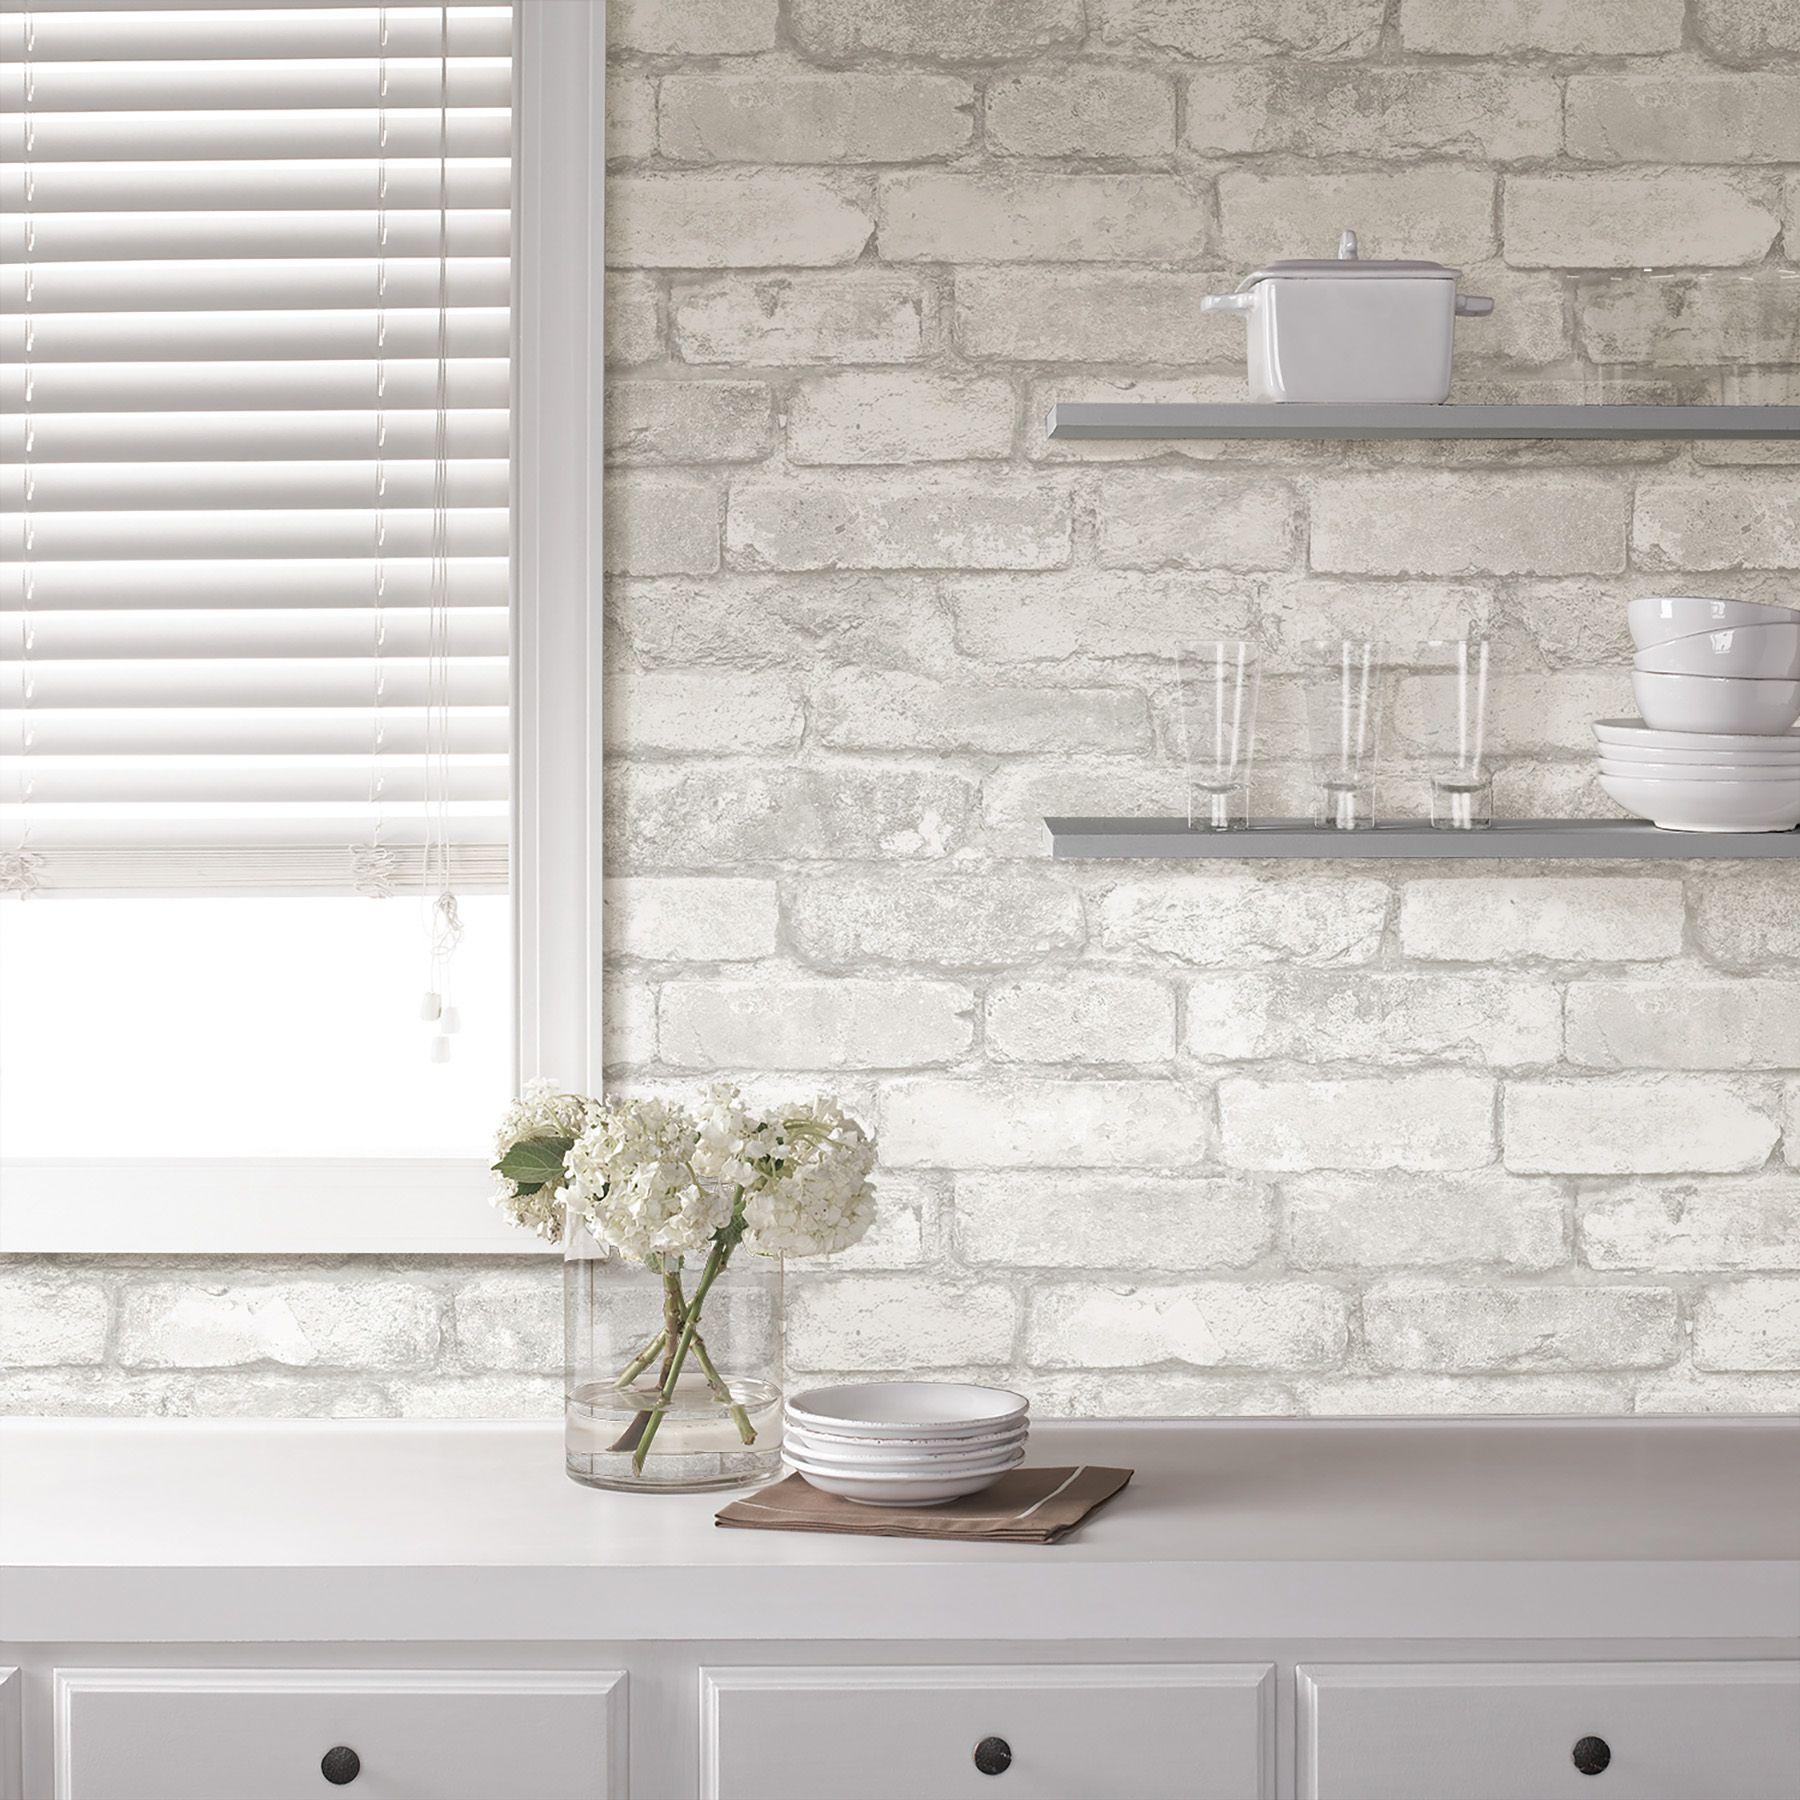 Home Improvement White brick, Kitchen wallpaper, White